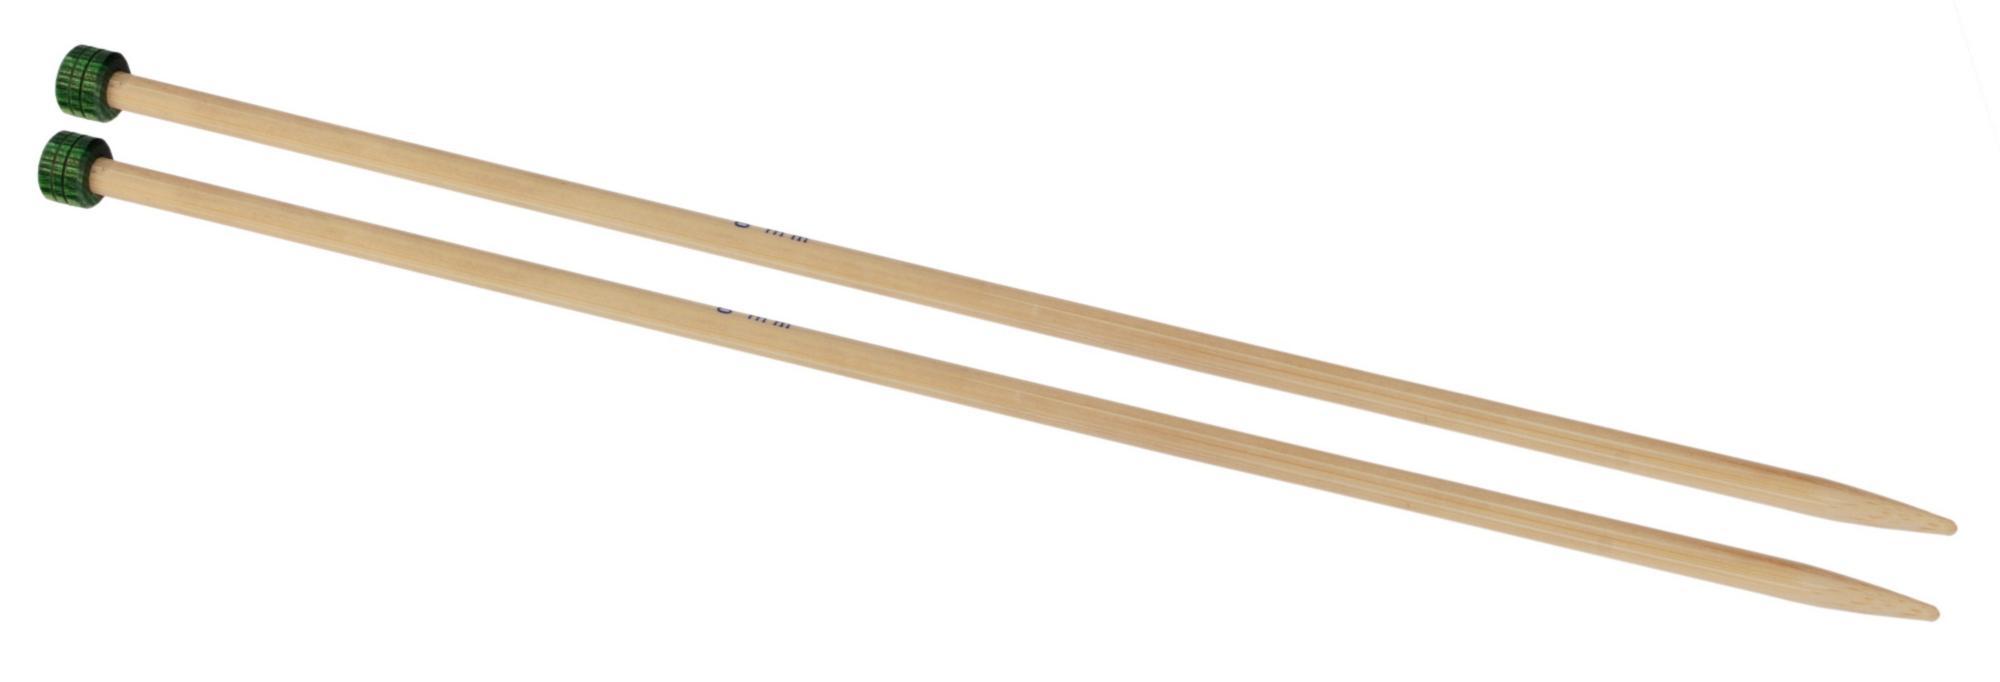 Спицы прямые 25 см Bamboo KnitPro, 22312, 6.50 мм